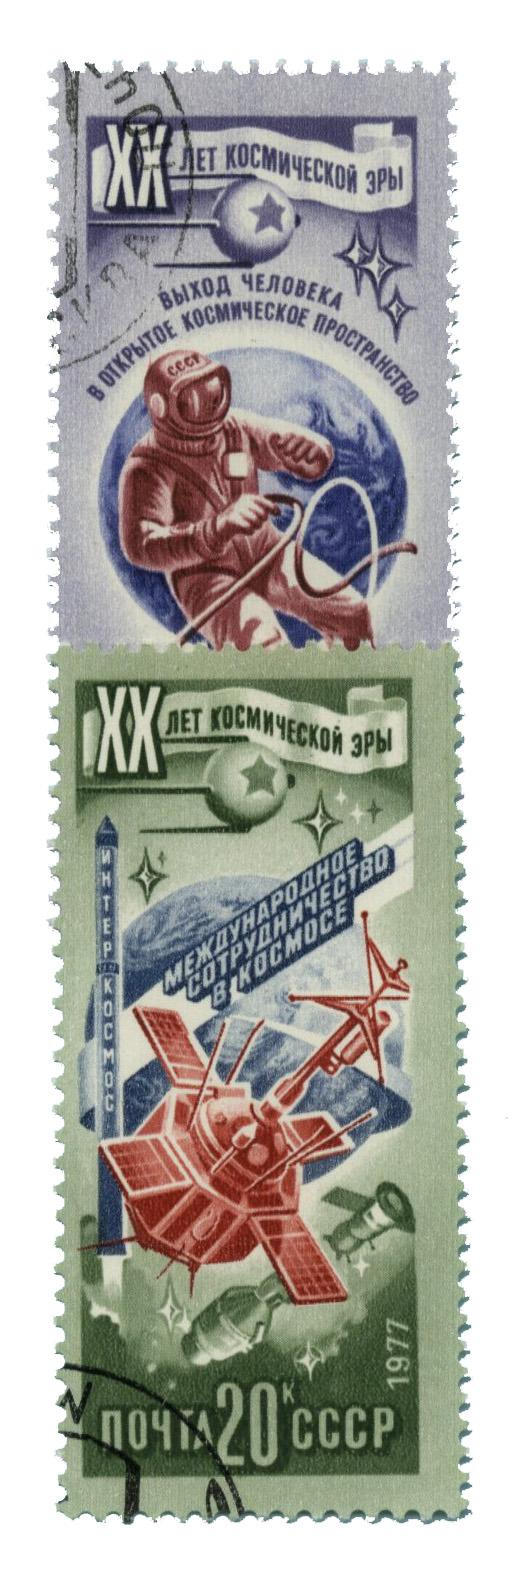 1977 Russia